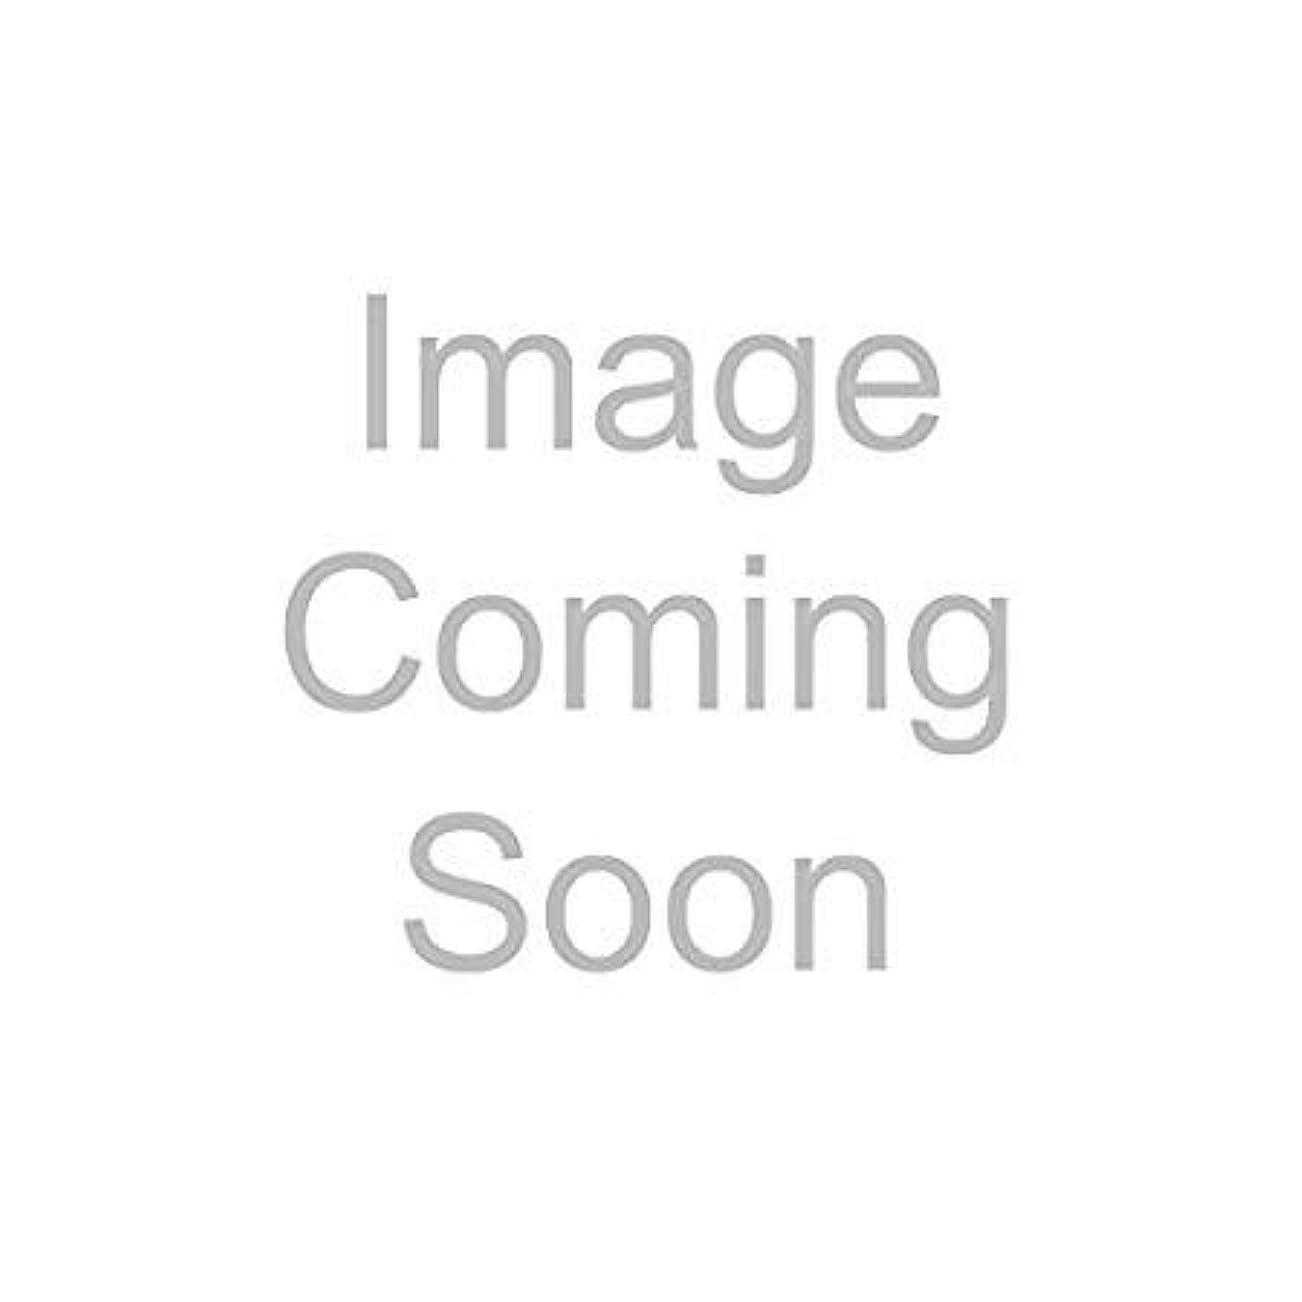 図アベニュー肥沃なミッレフィオーリ ナチュラル フレグランス ディフューザー リフィル - ホワイトムスク 250ml/8.45oz並行輸入品